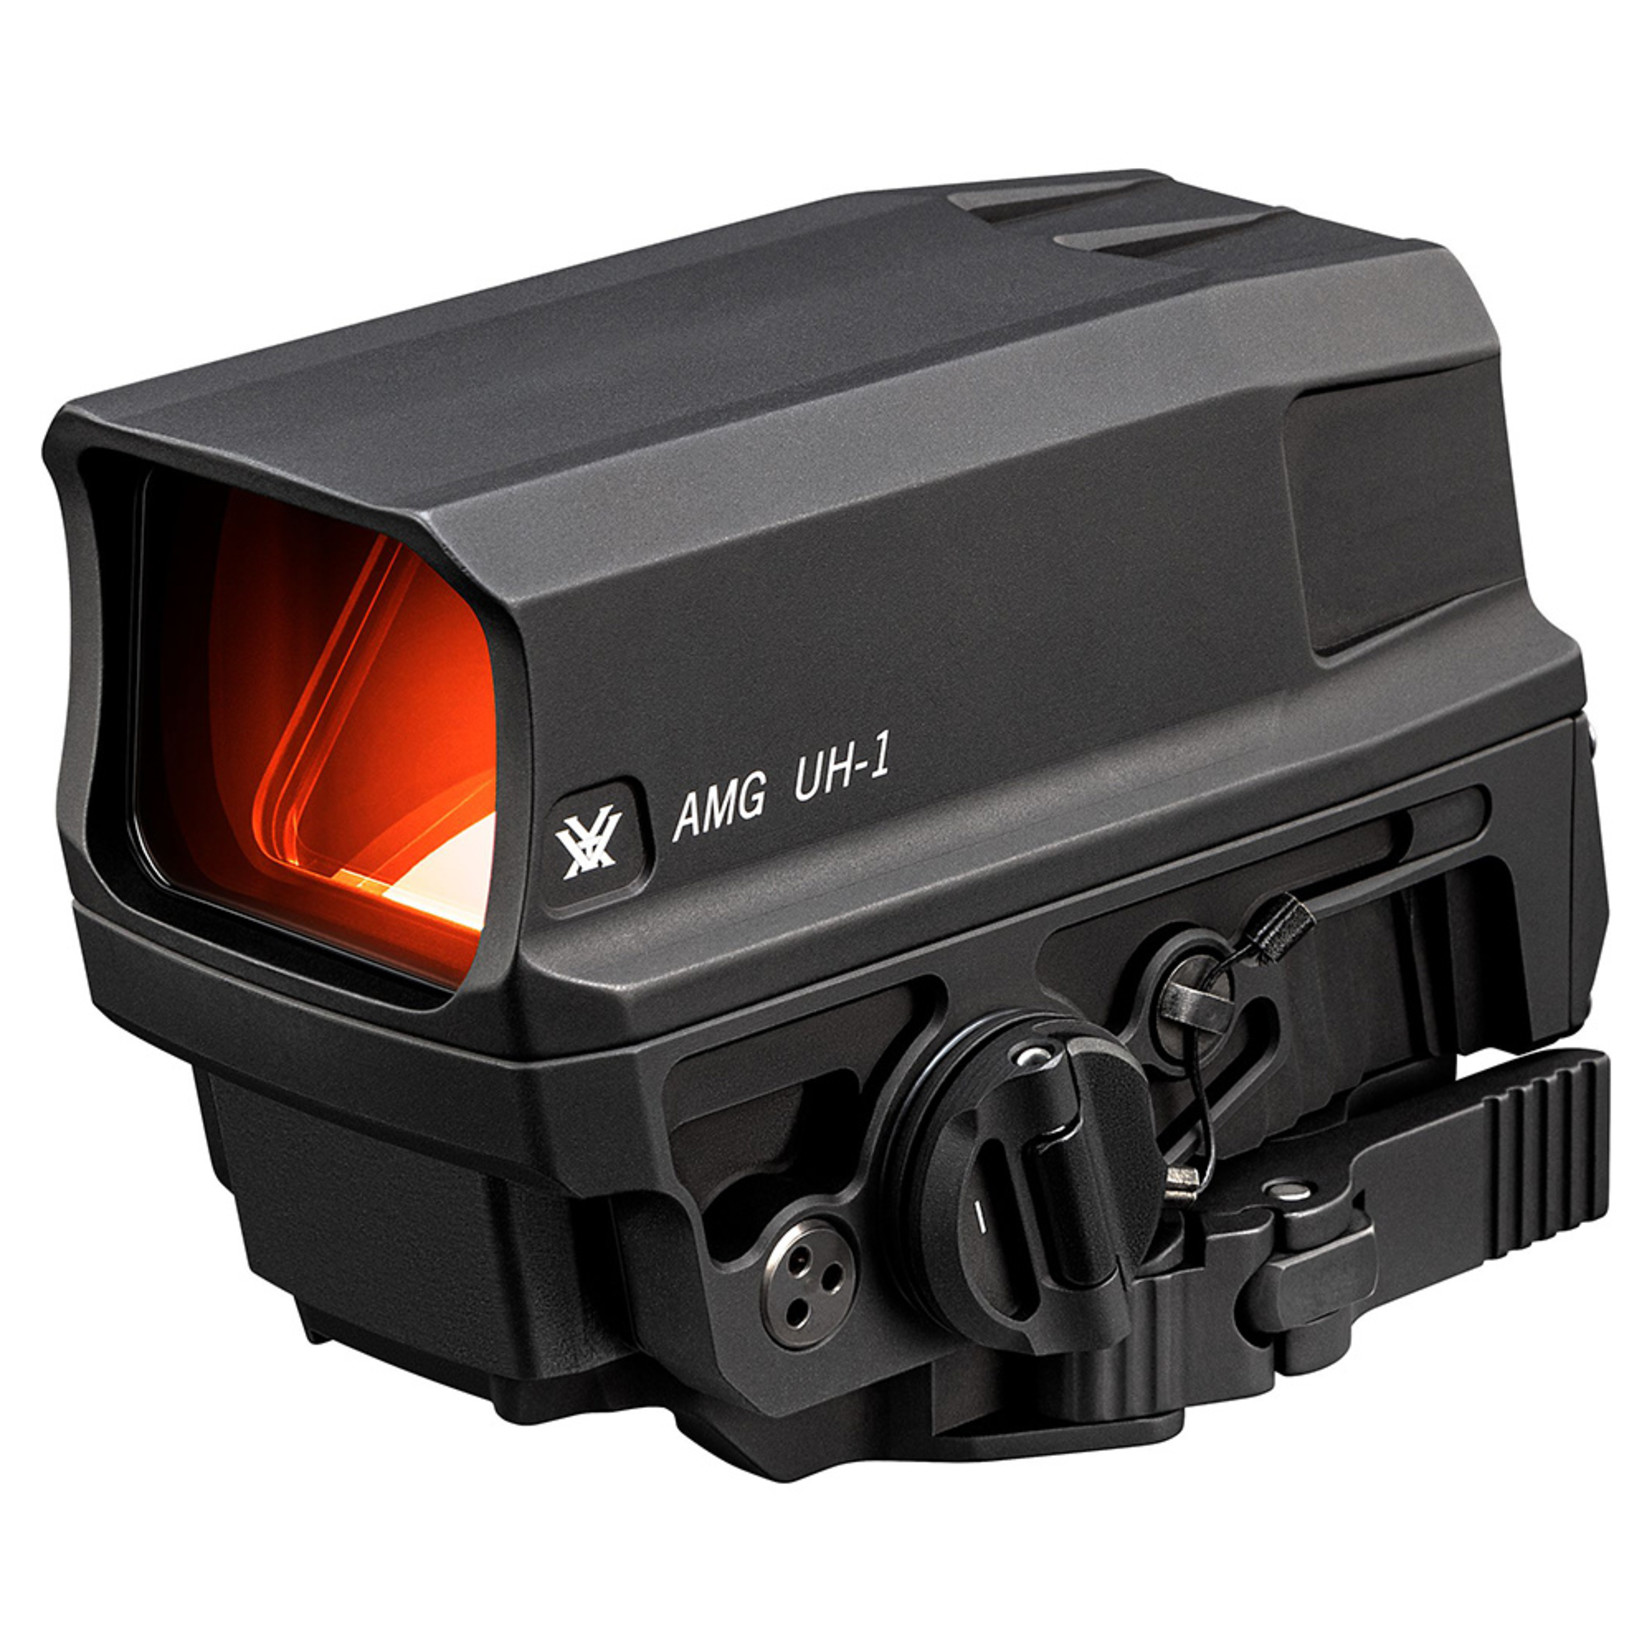 Vortex Vortex AMG-UH1 Gen 2 Holographic Sight